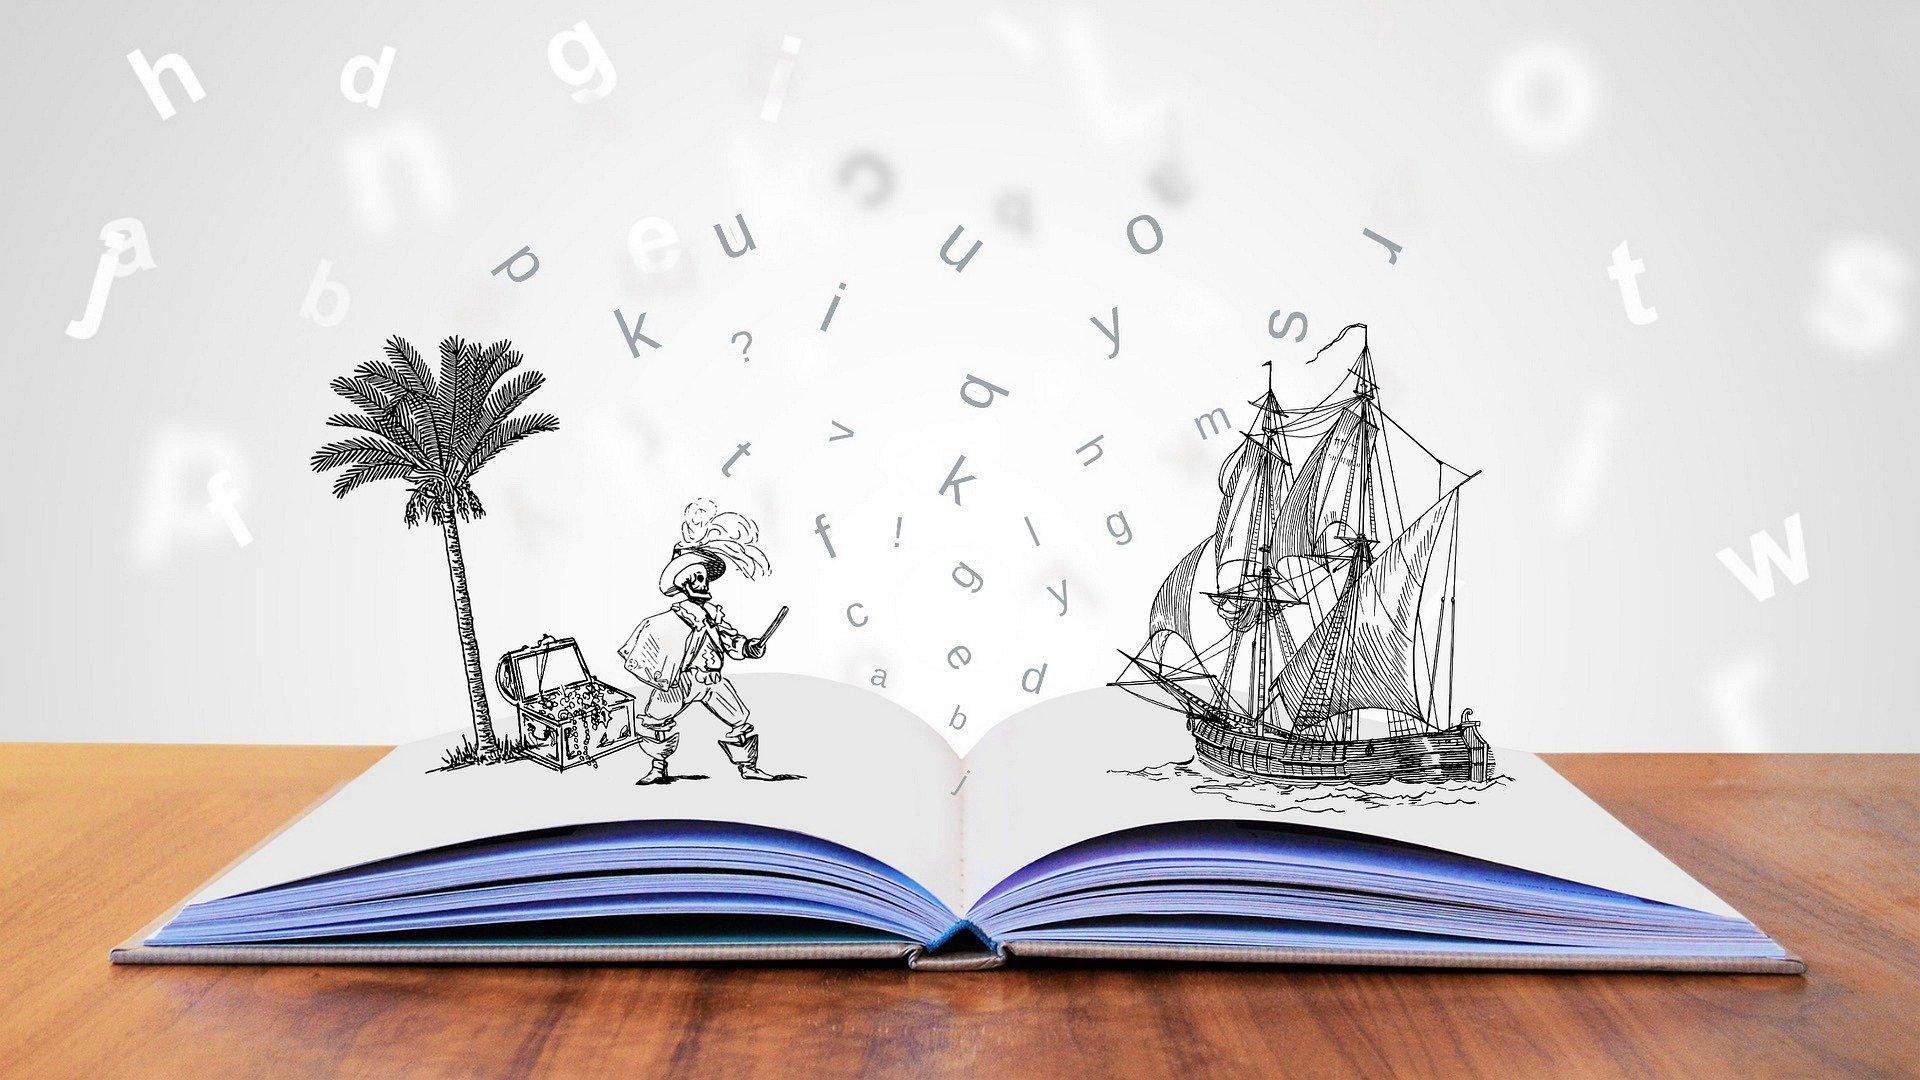 storytelling-4203628_1920-pixabay-tumisu